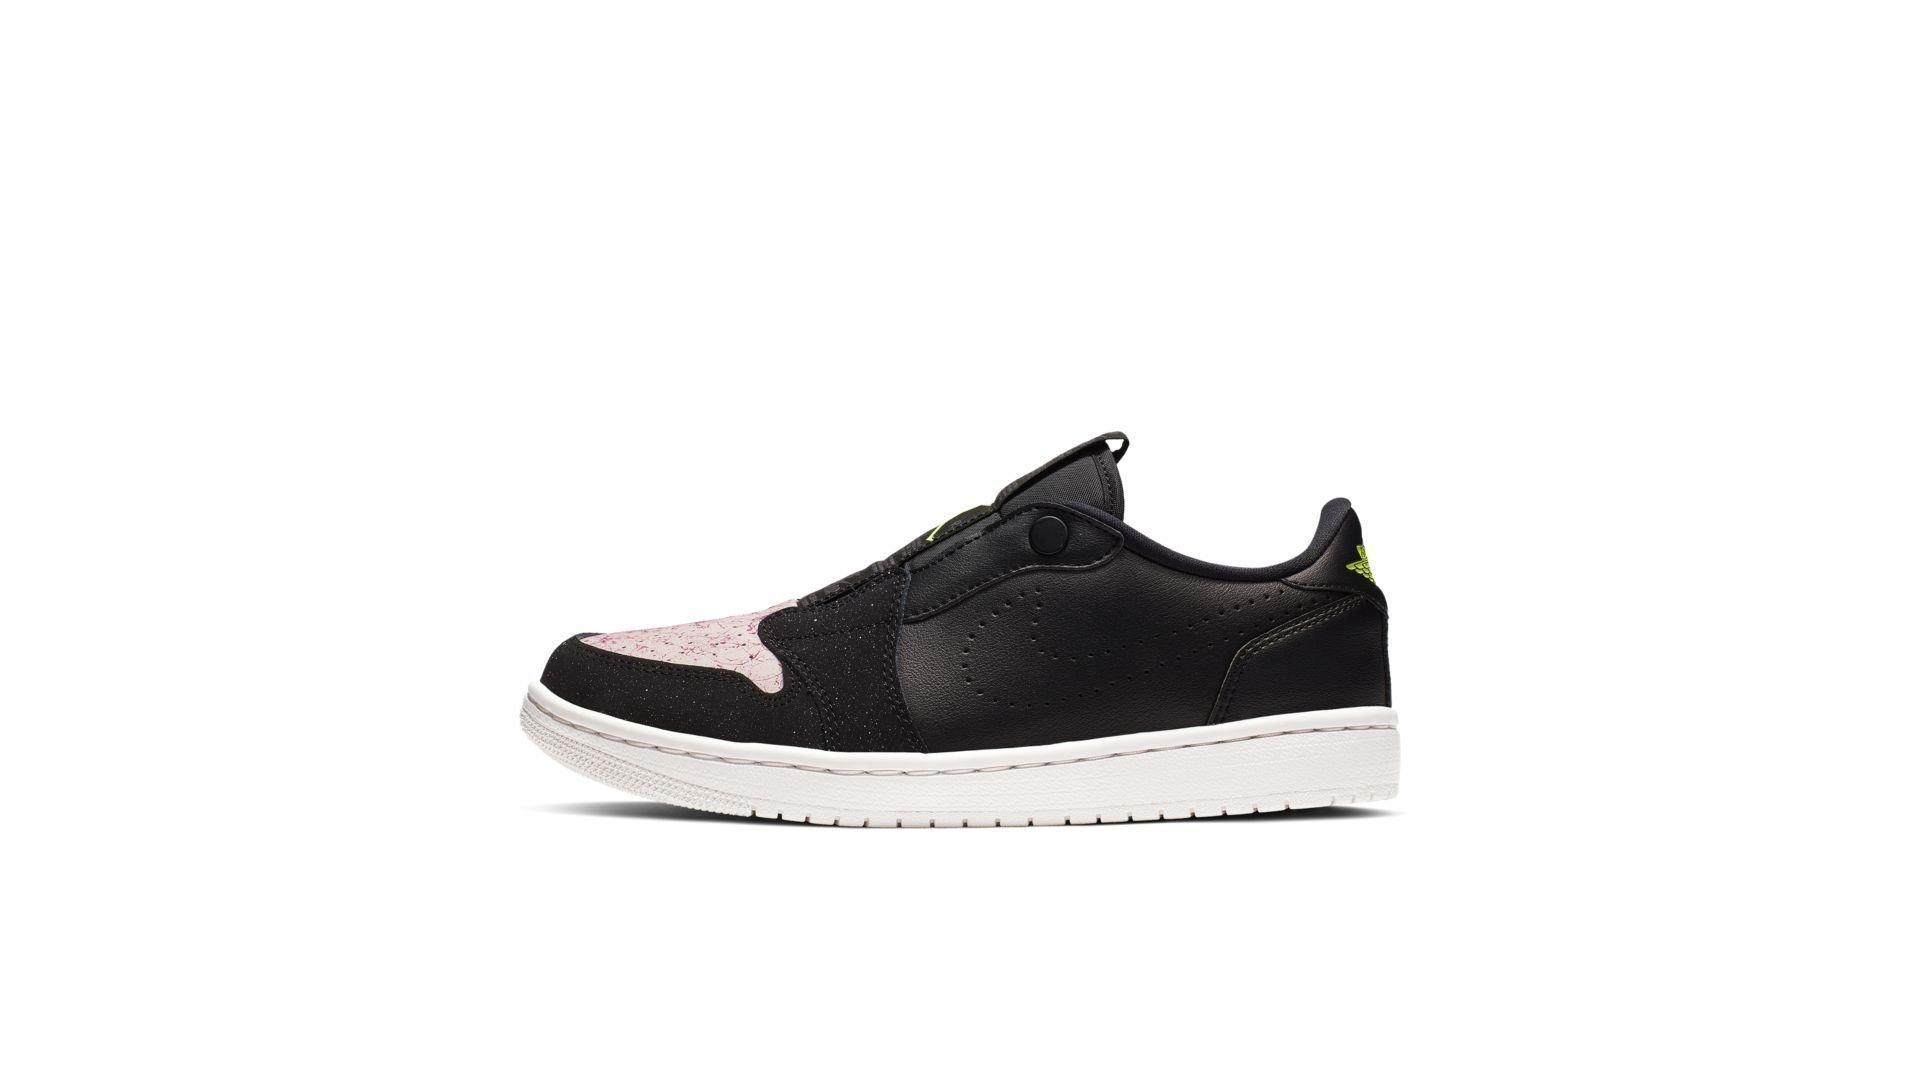 Jordan 1 Retro Low Slip Black Silt Red (W) (AV3918-002)